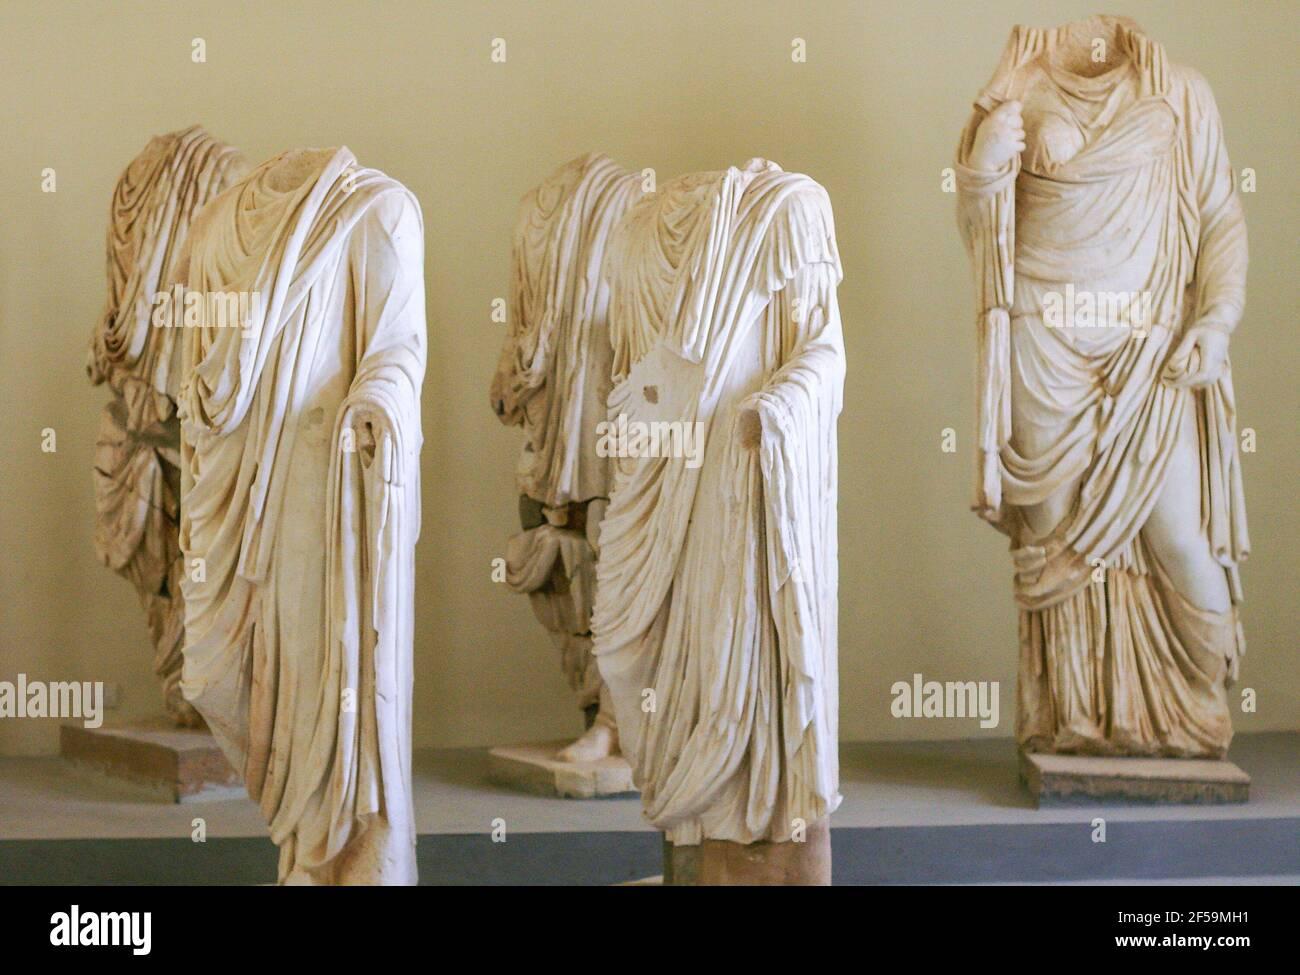 Statue figurali in marmo scolpito romano, Museo Leptis Magna, Libia Foto Stock